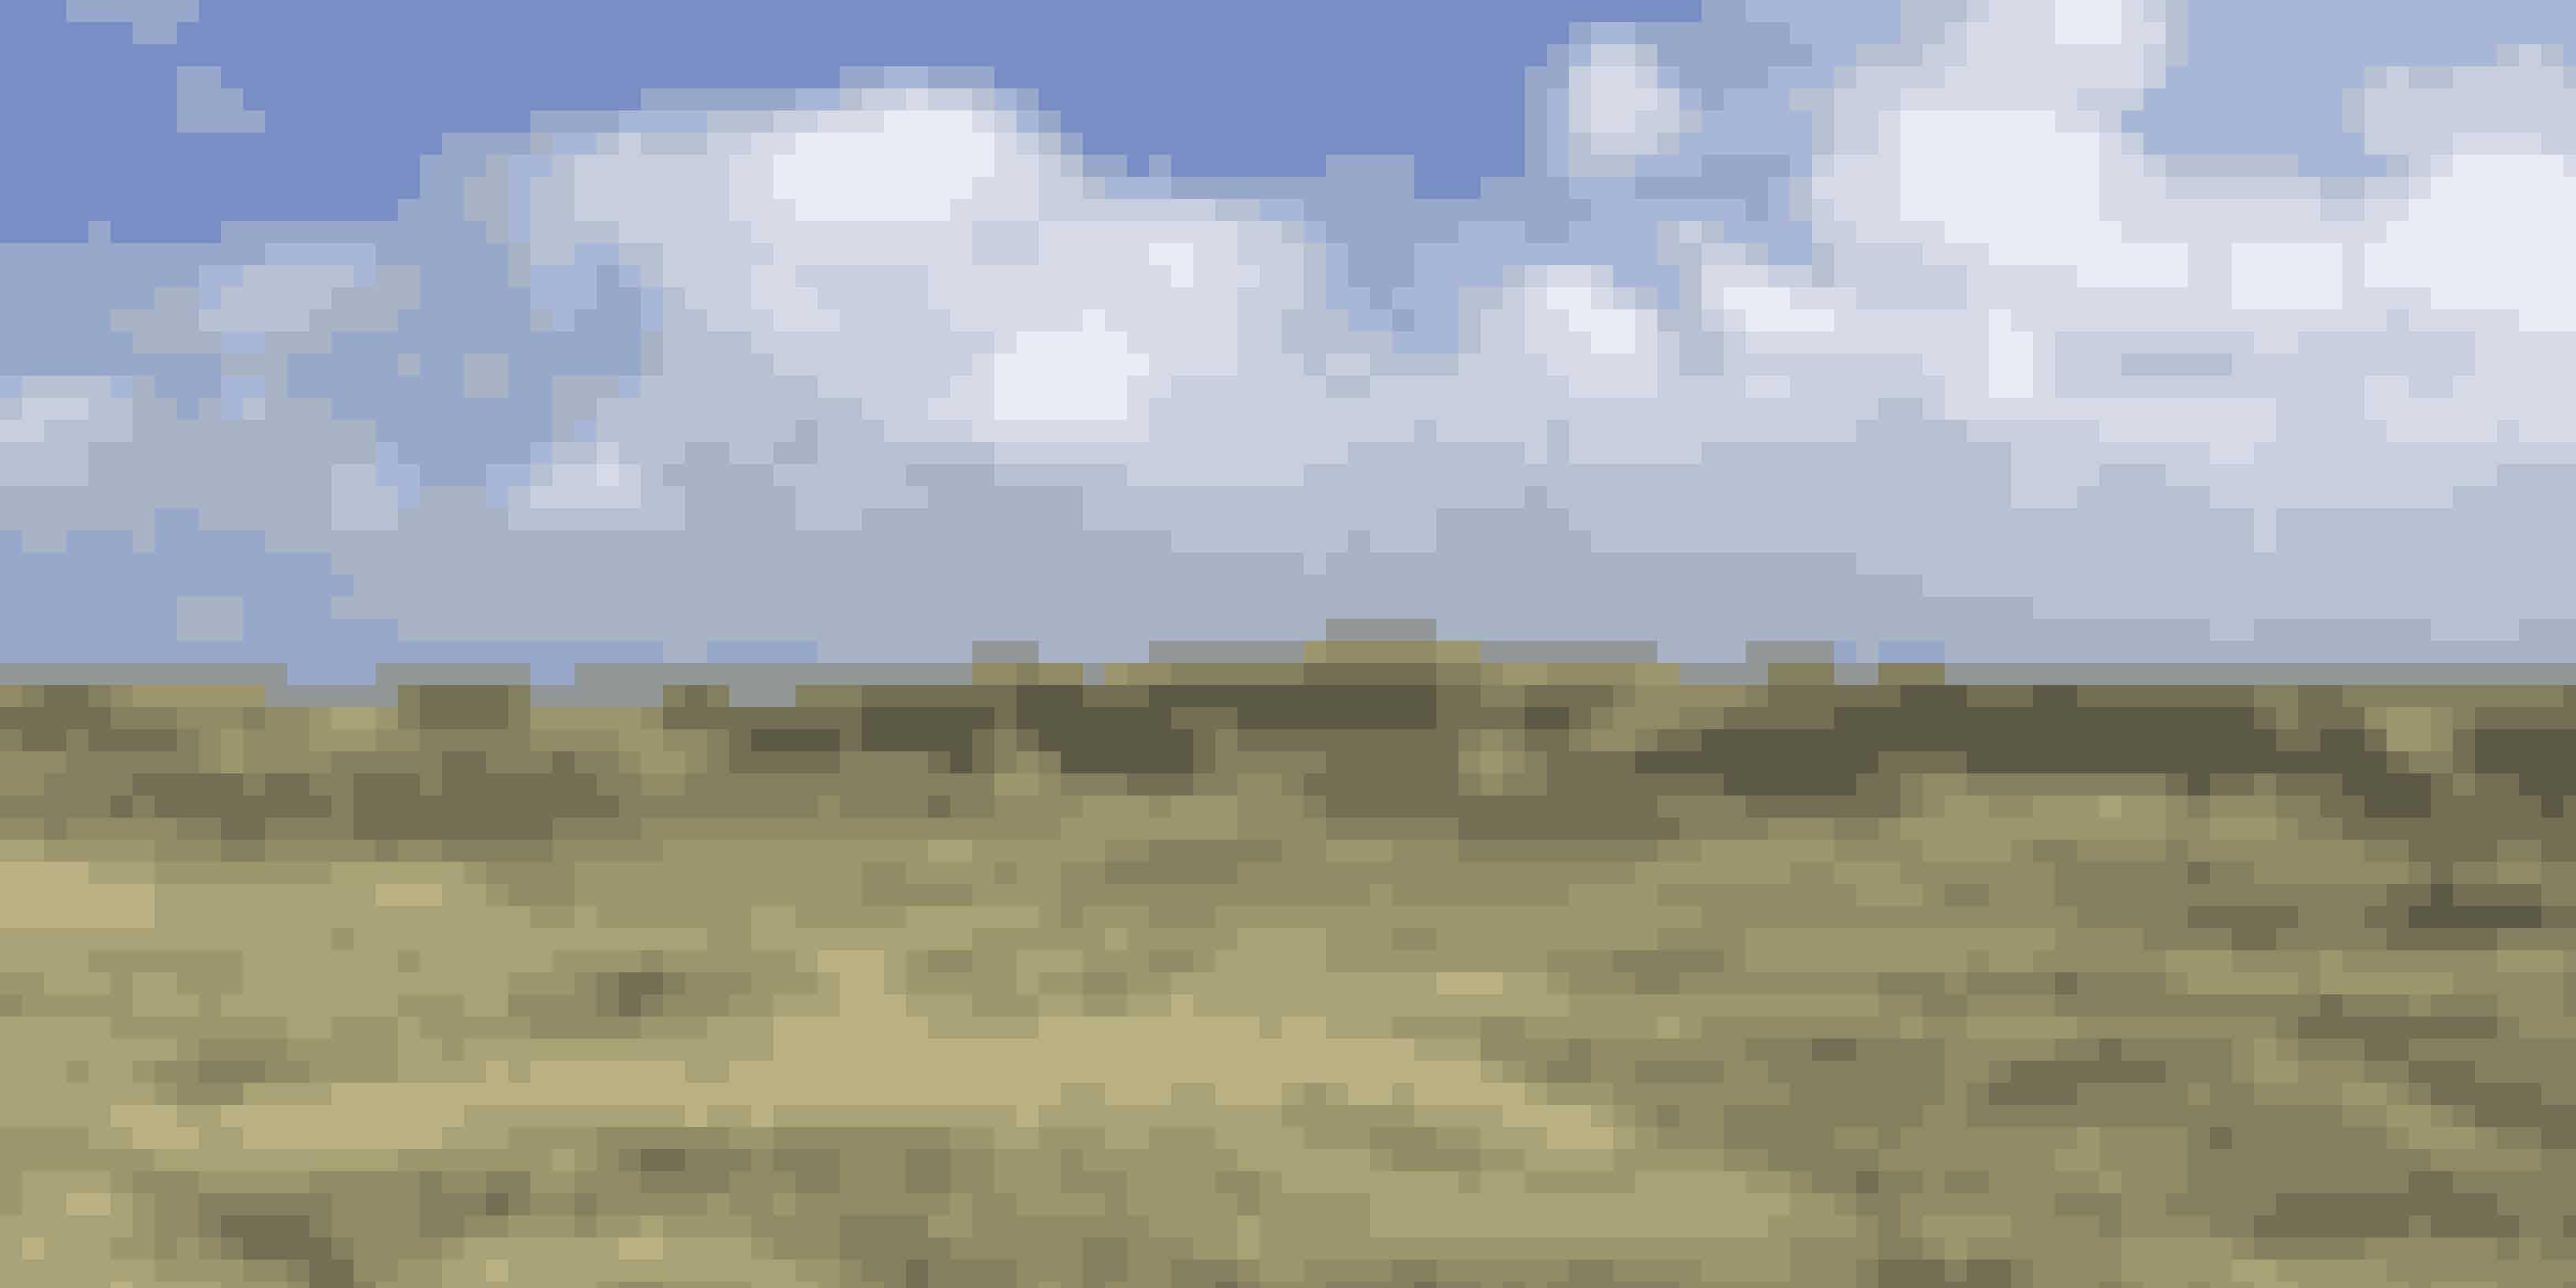 Blæsten er ofte kraftfuld på vestkysten, og i Hvide Sande ligger marehalmen blæst bagover i det idylliske sandede landskab.